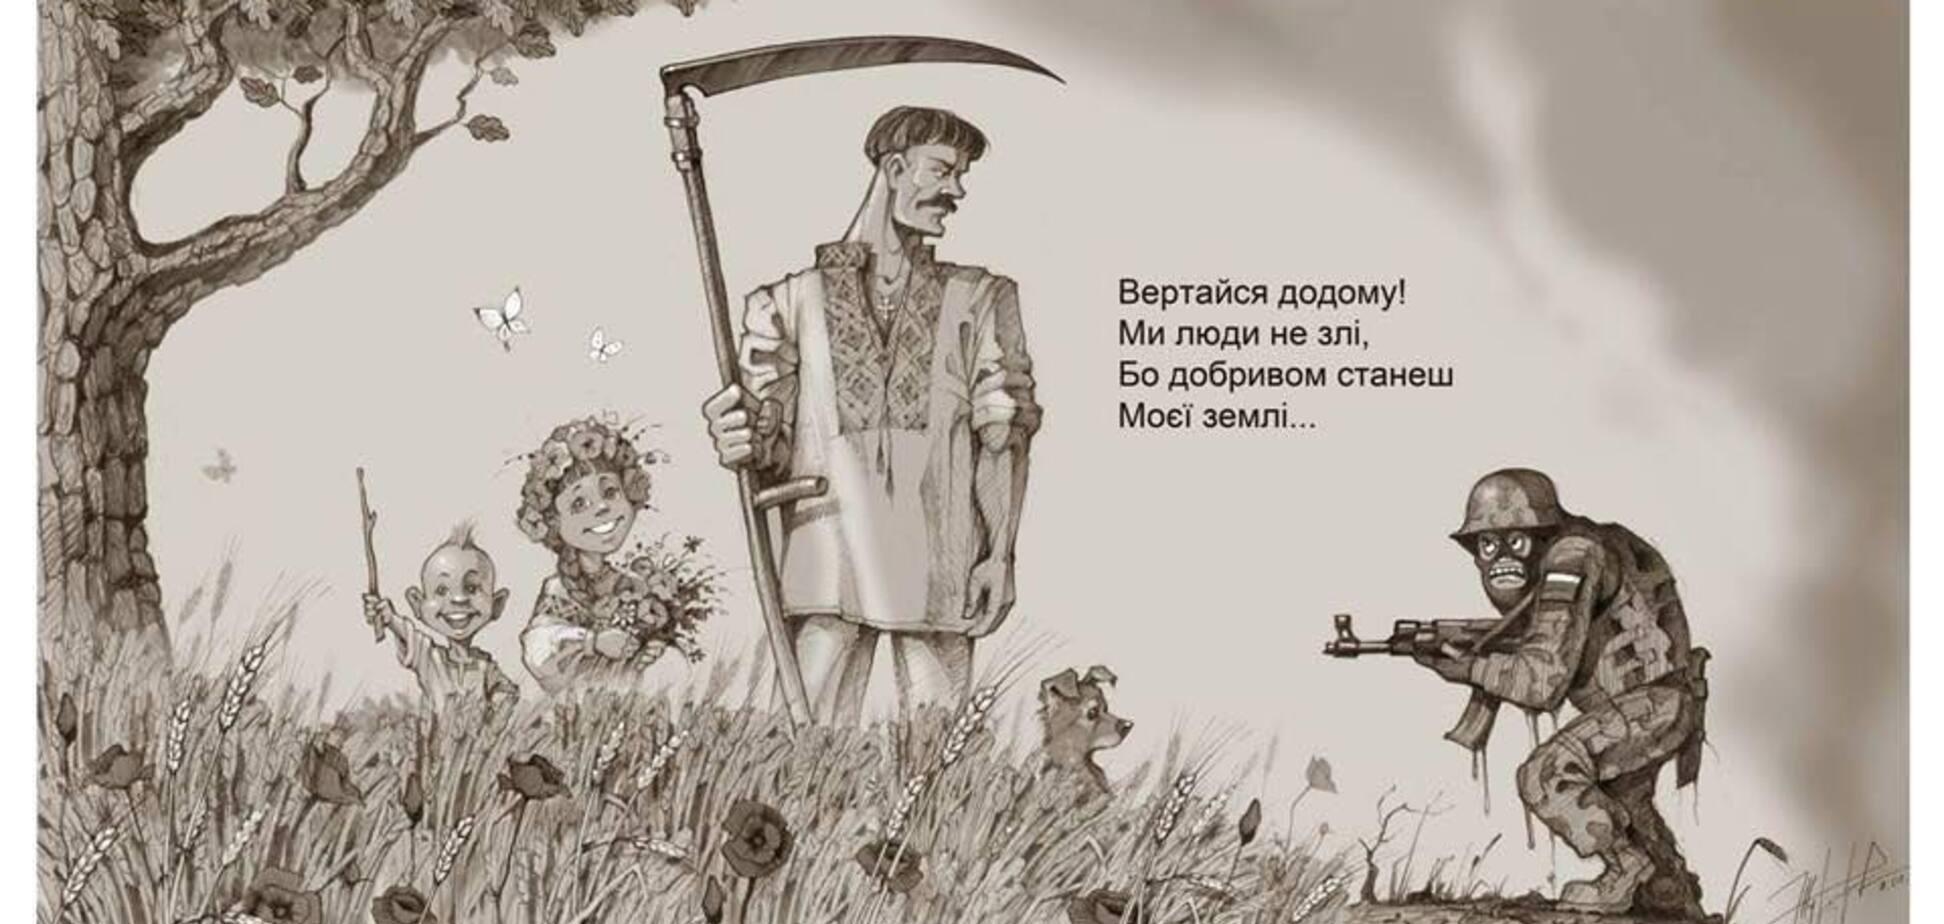 Хитрый Вовка не смог предугадать то, что случилось в Украине